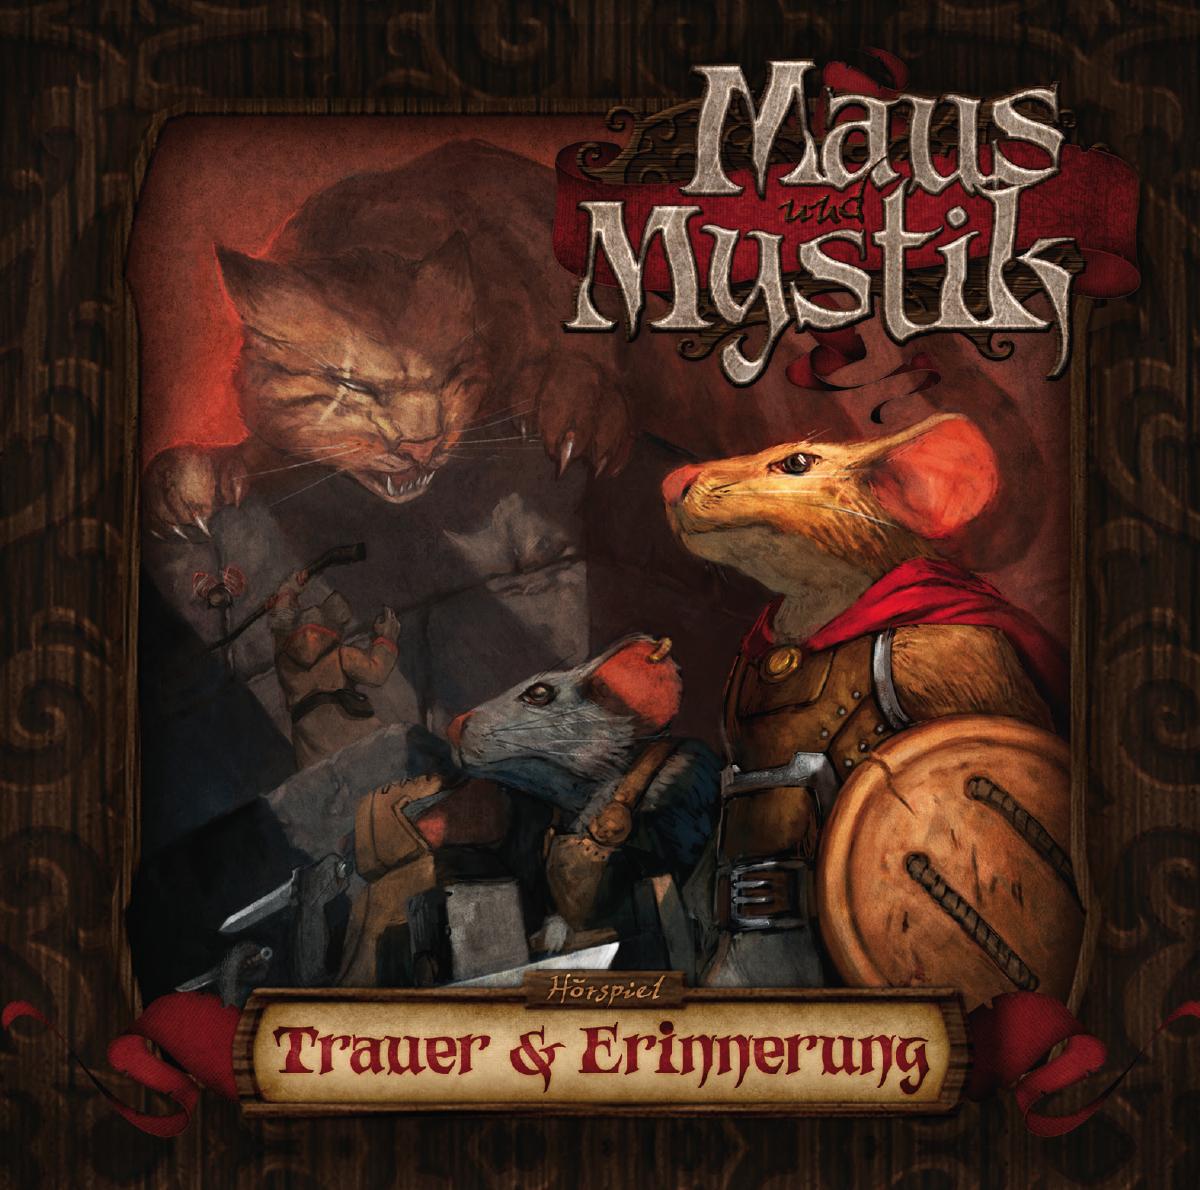 Maus & Mystik Hörspiel Trauer & Erinnerung mp3 kostenlos (Brettspiel)